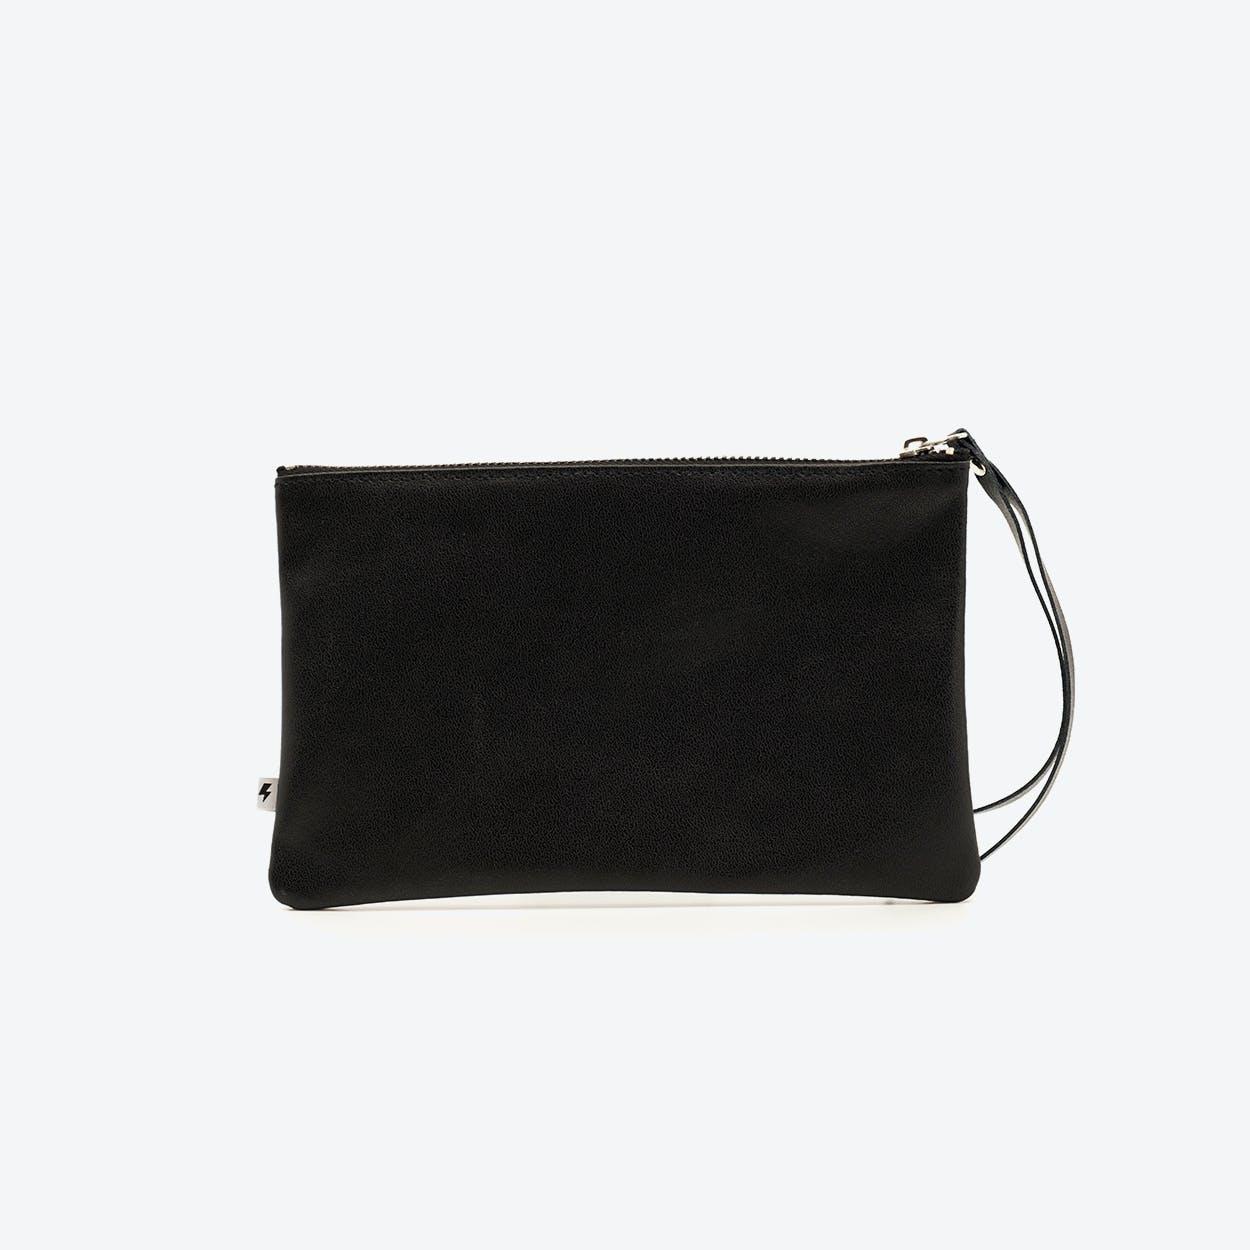 Large Clutch in Black